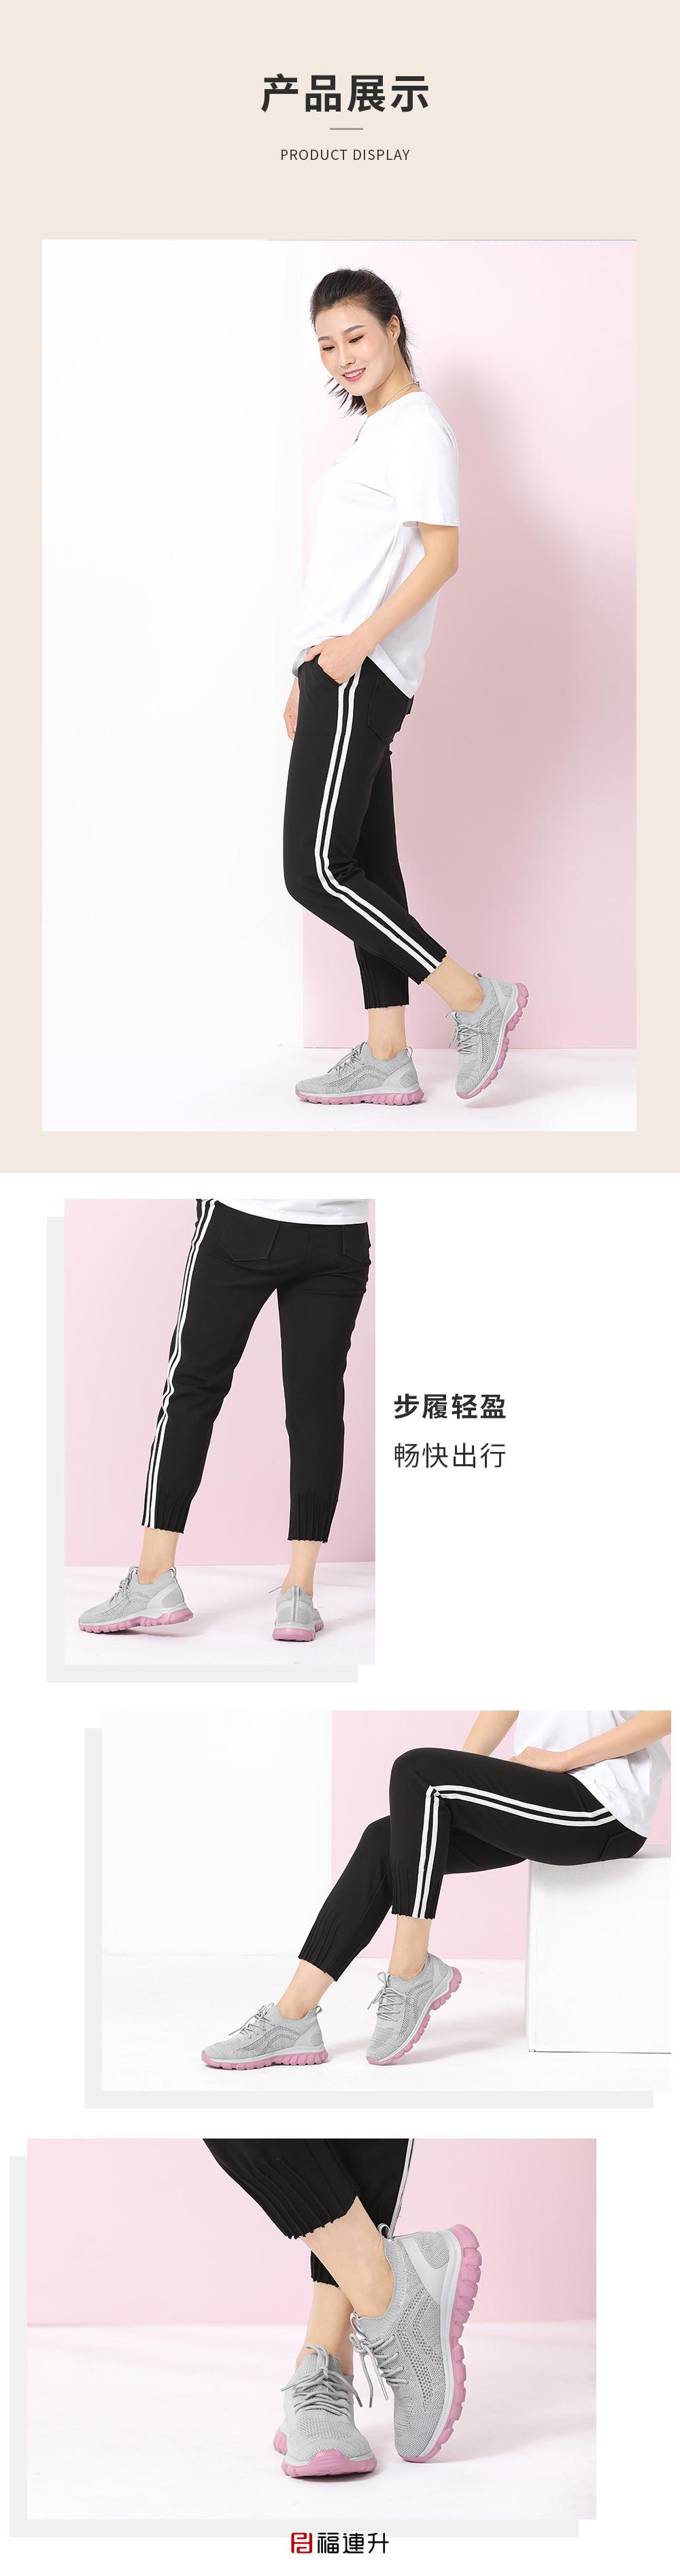 福连升夏女士飞织大网眼透气凉鞋运动鞋 超轻材质鞋底软弹图片